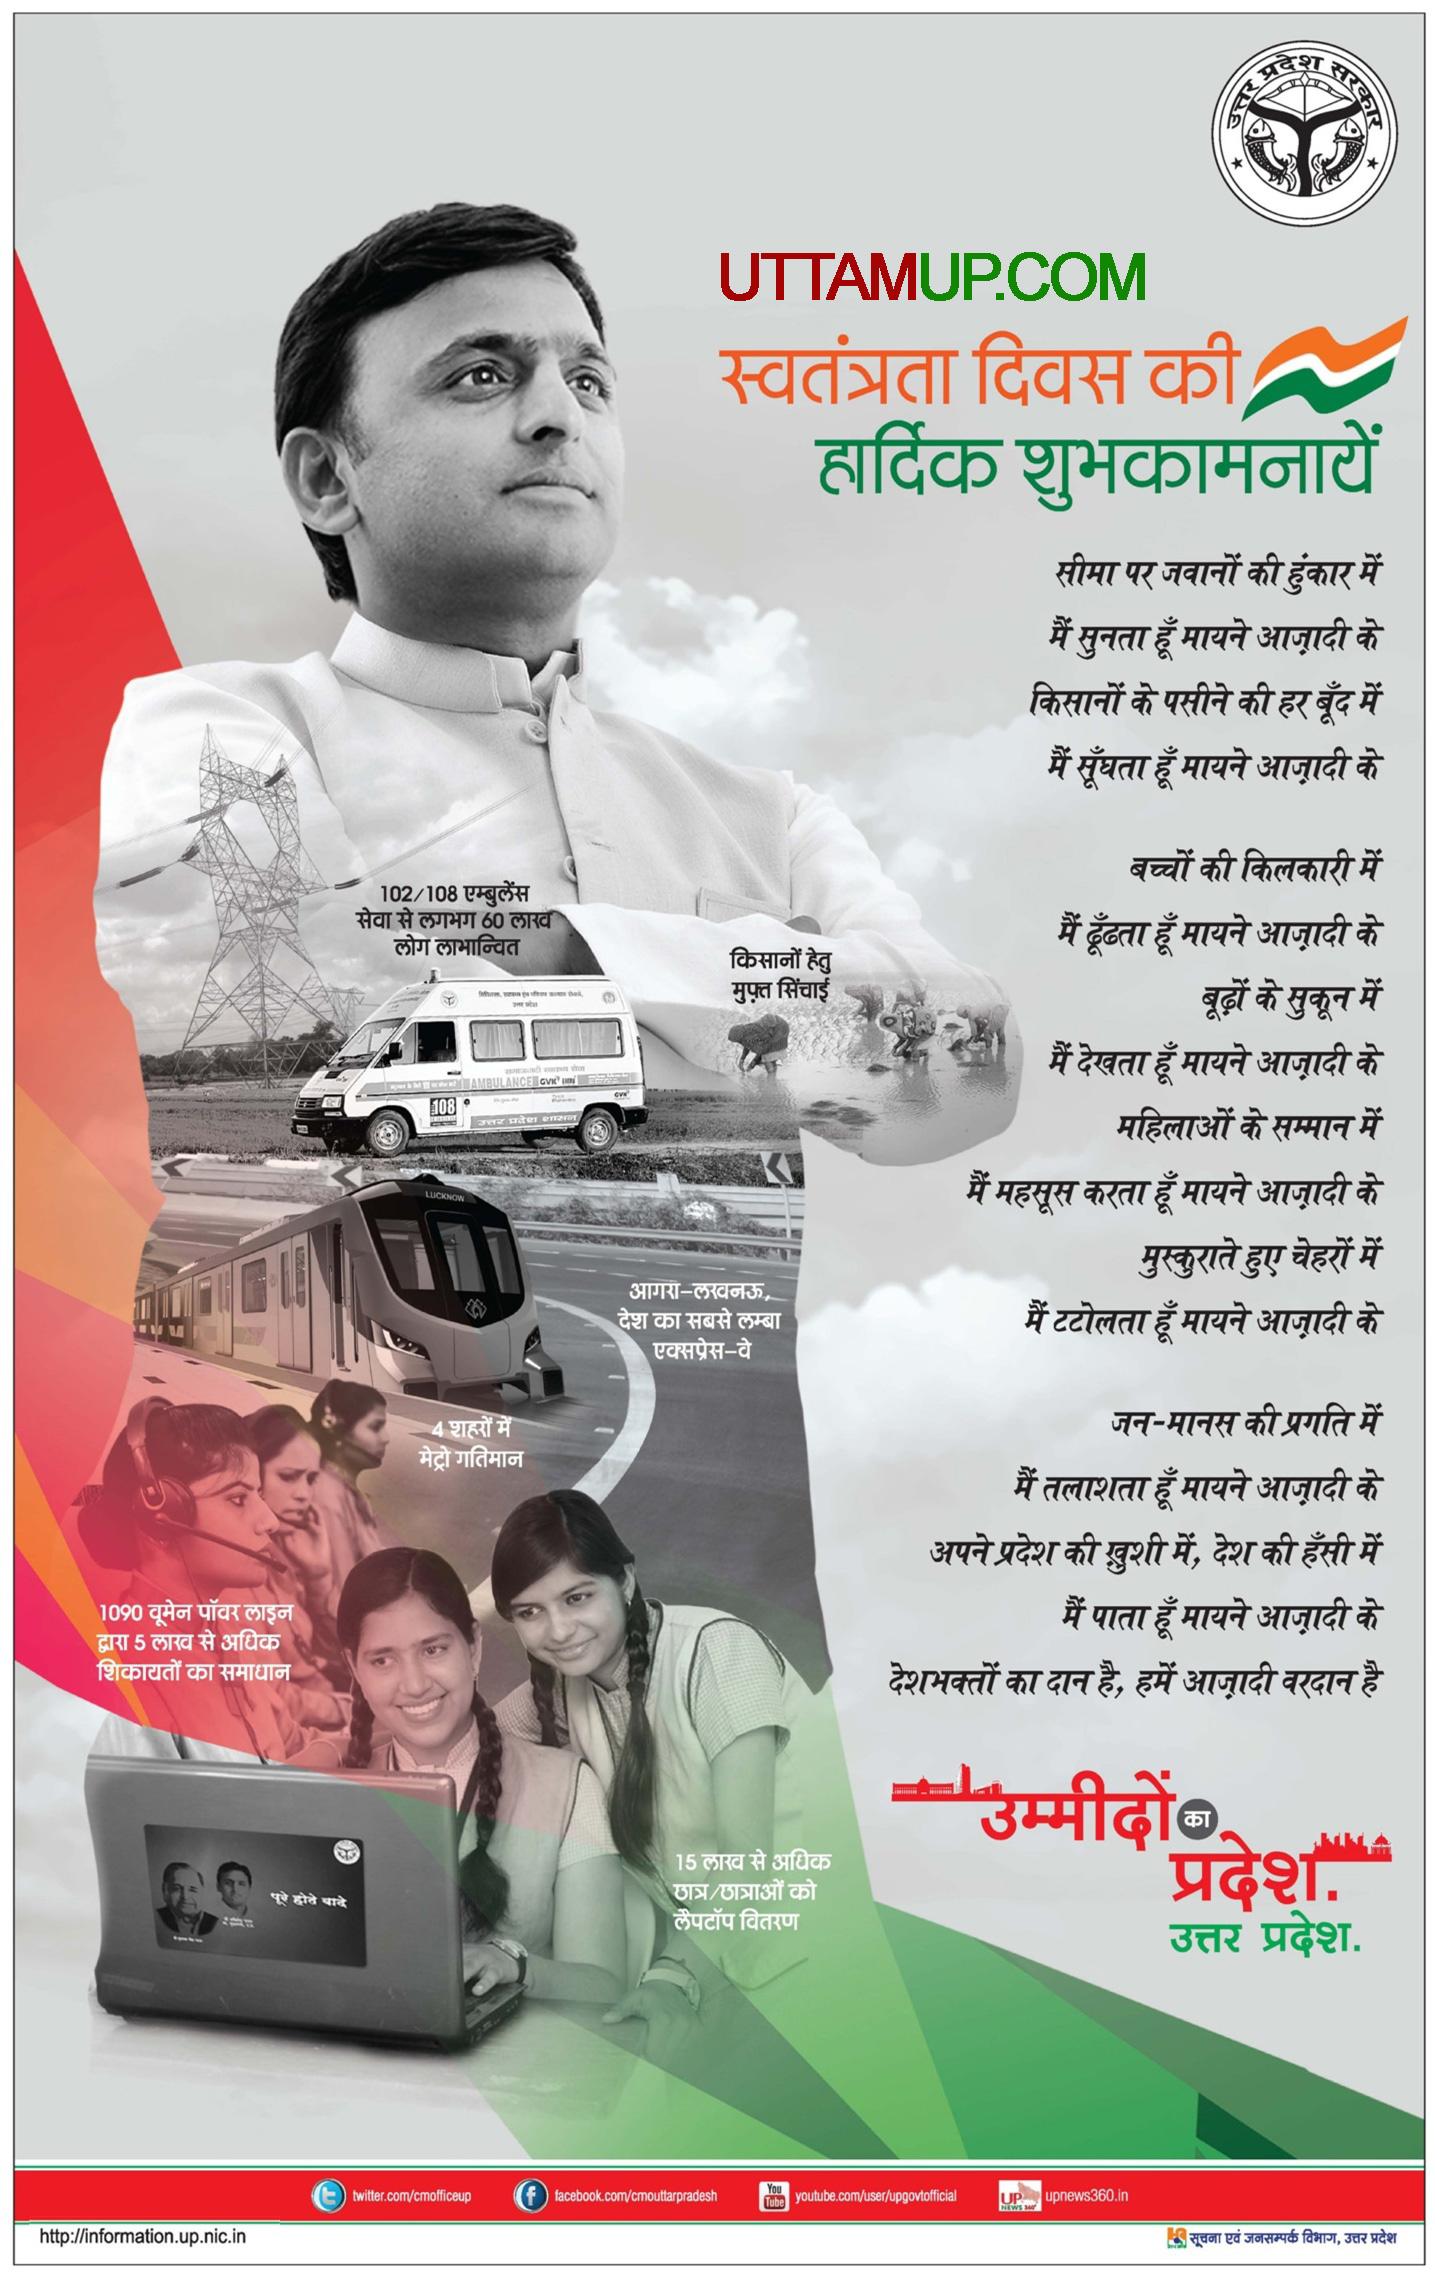 मुख्यमंत्री श्री अखिलेश यादव ने स्वतंत्रता दिवस पर प्रदेशवासियों को बधाई दी